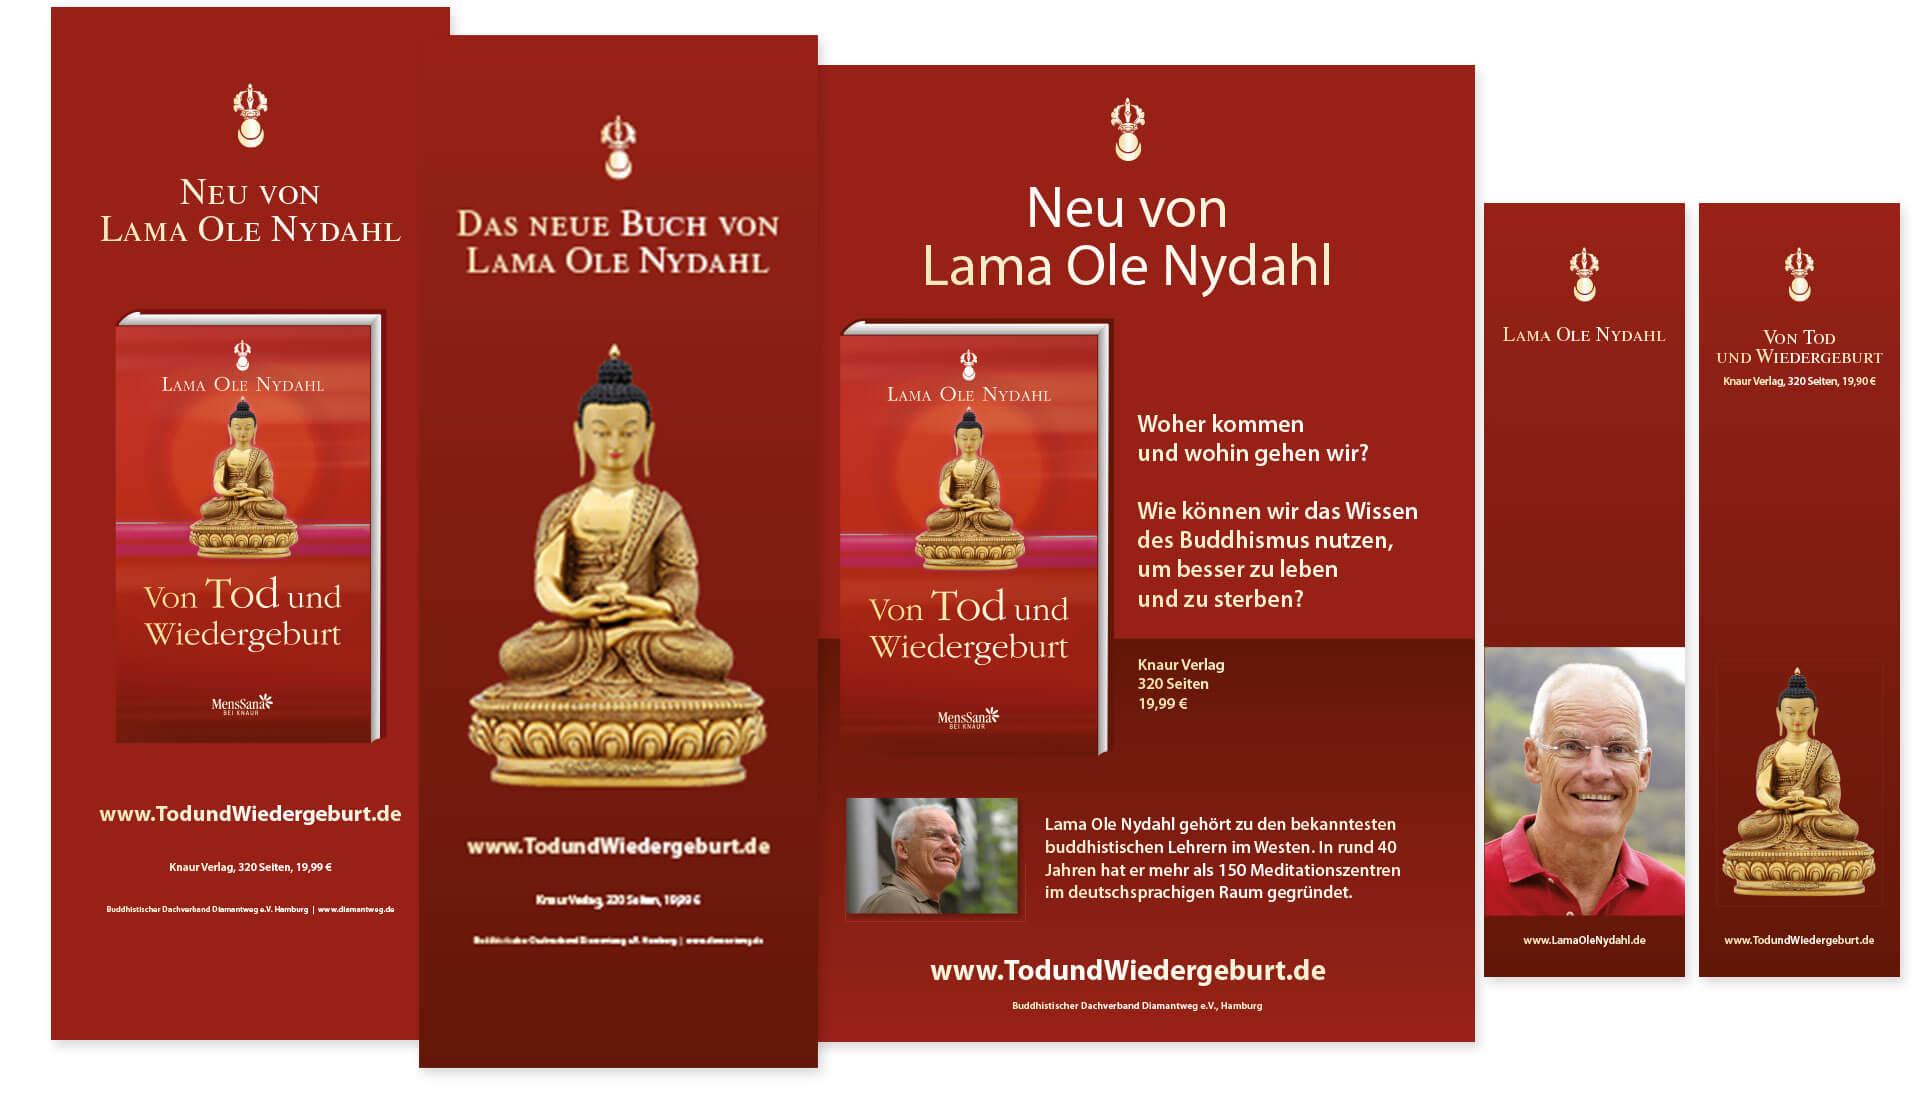 Buddhistischer Dachverband